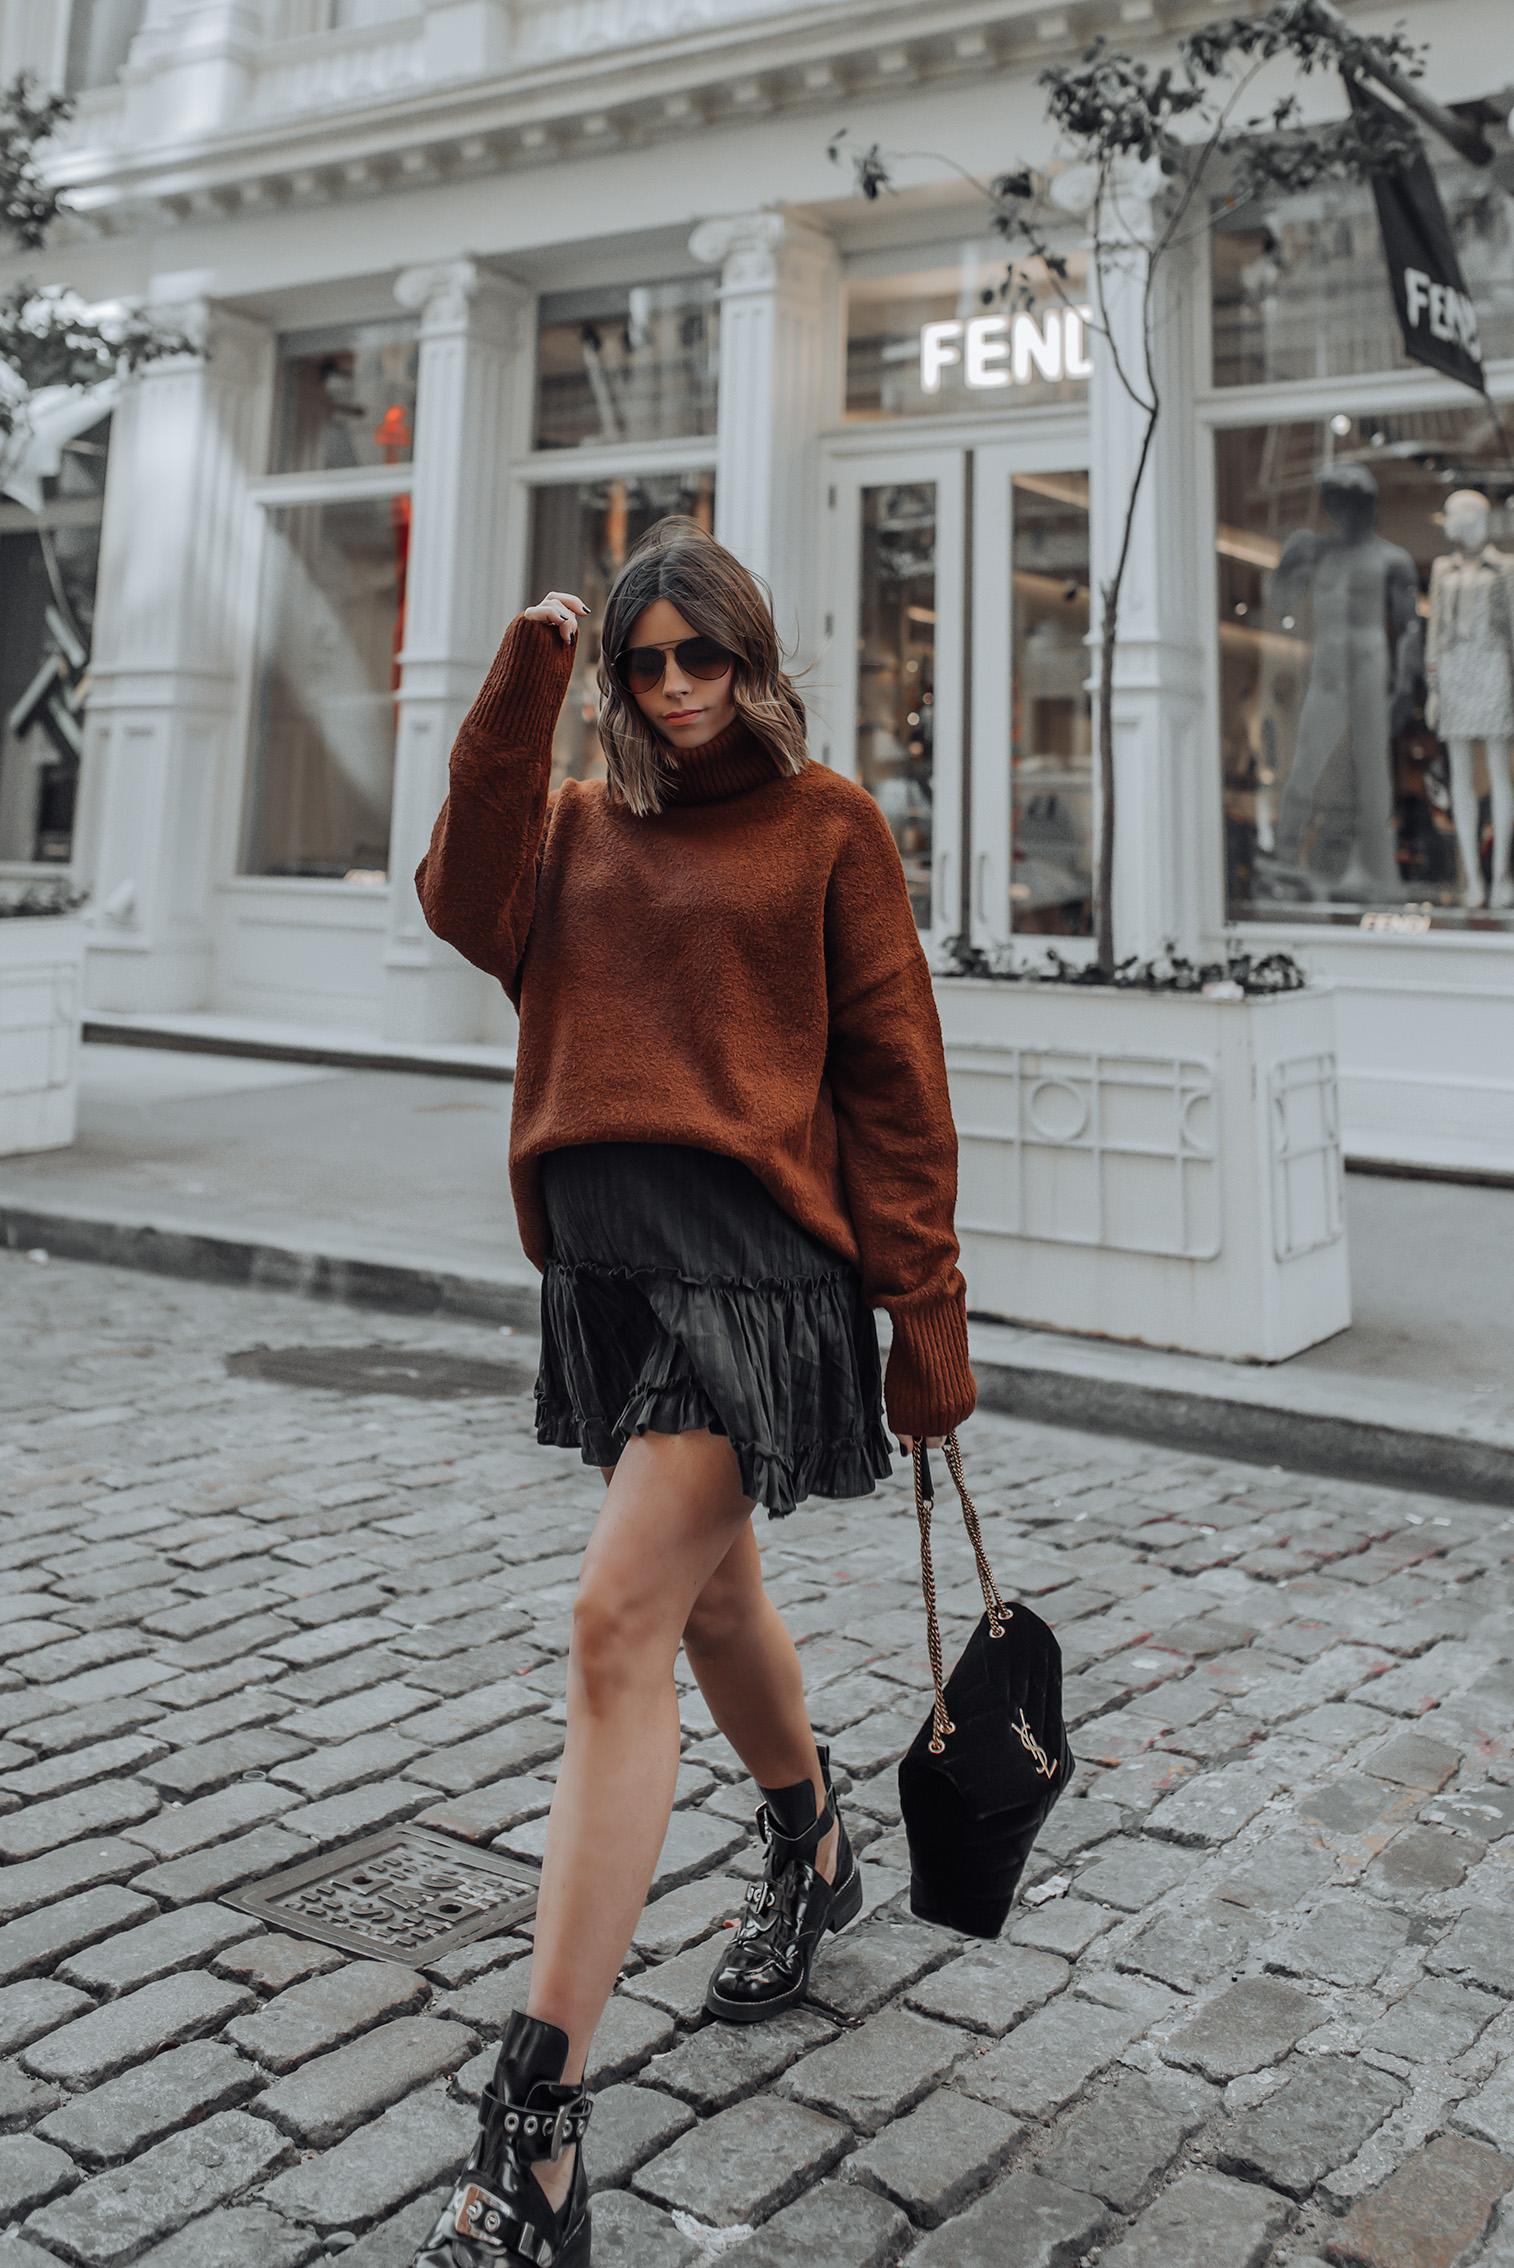 Oversized Sweater | Black Mini Skirt | YSL LouLou in Velvet | #streetstyle #ysl #nycblog #sohonyc #liketkit